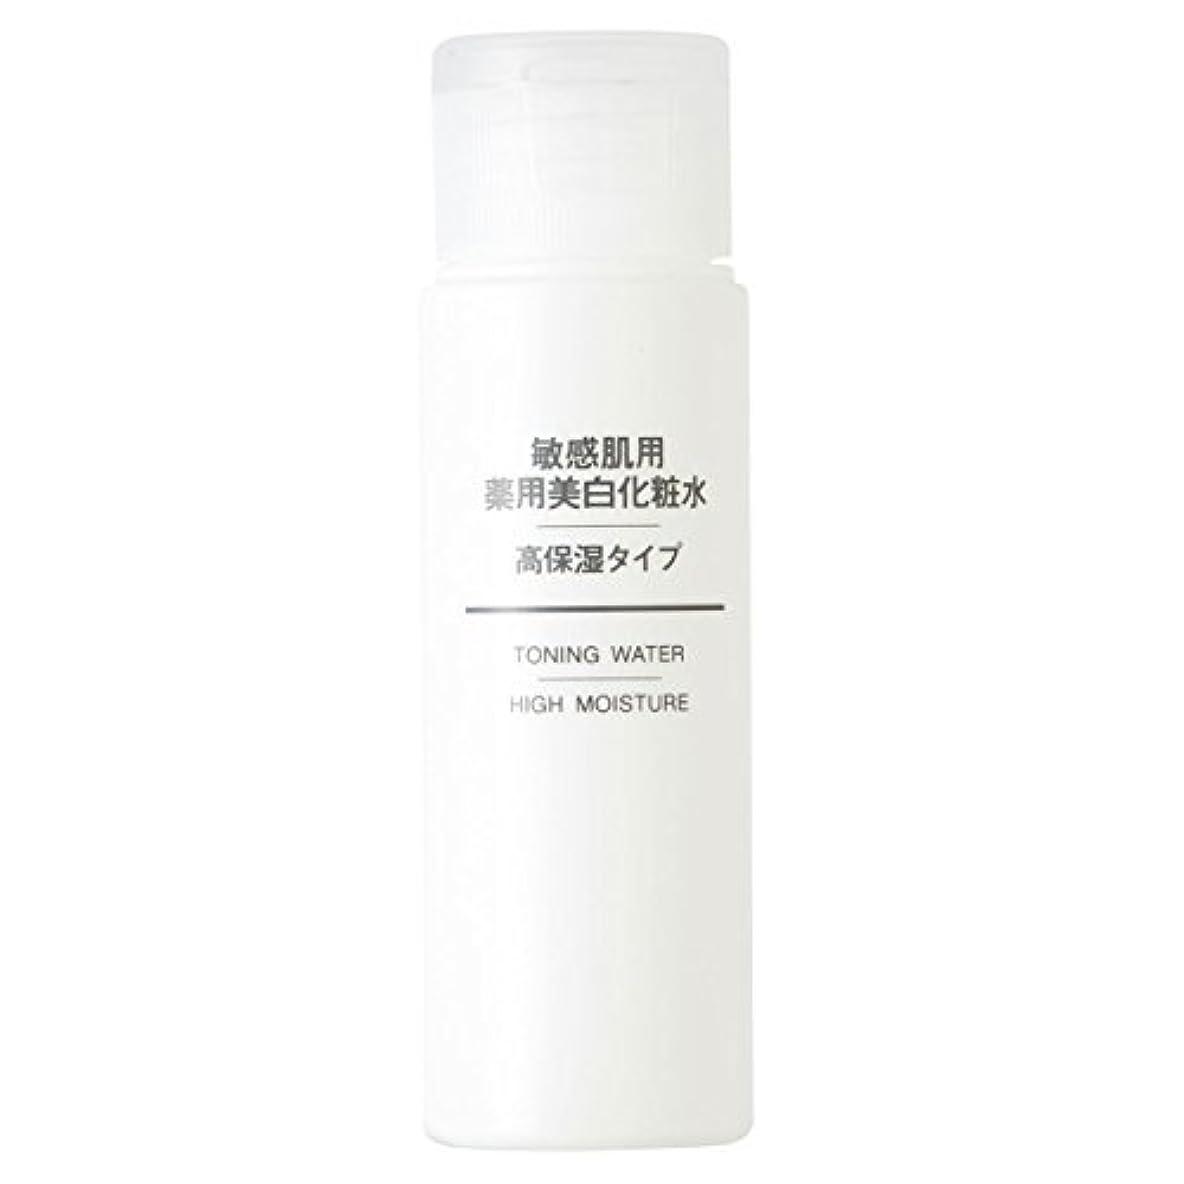 ジョージエリオット不和駐地無印良品 敏感肌用 薬用美白化粧水 高保湿タイプ(携帯用) (新)50ml